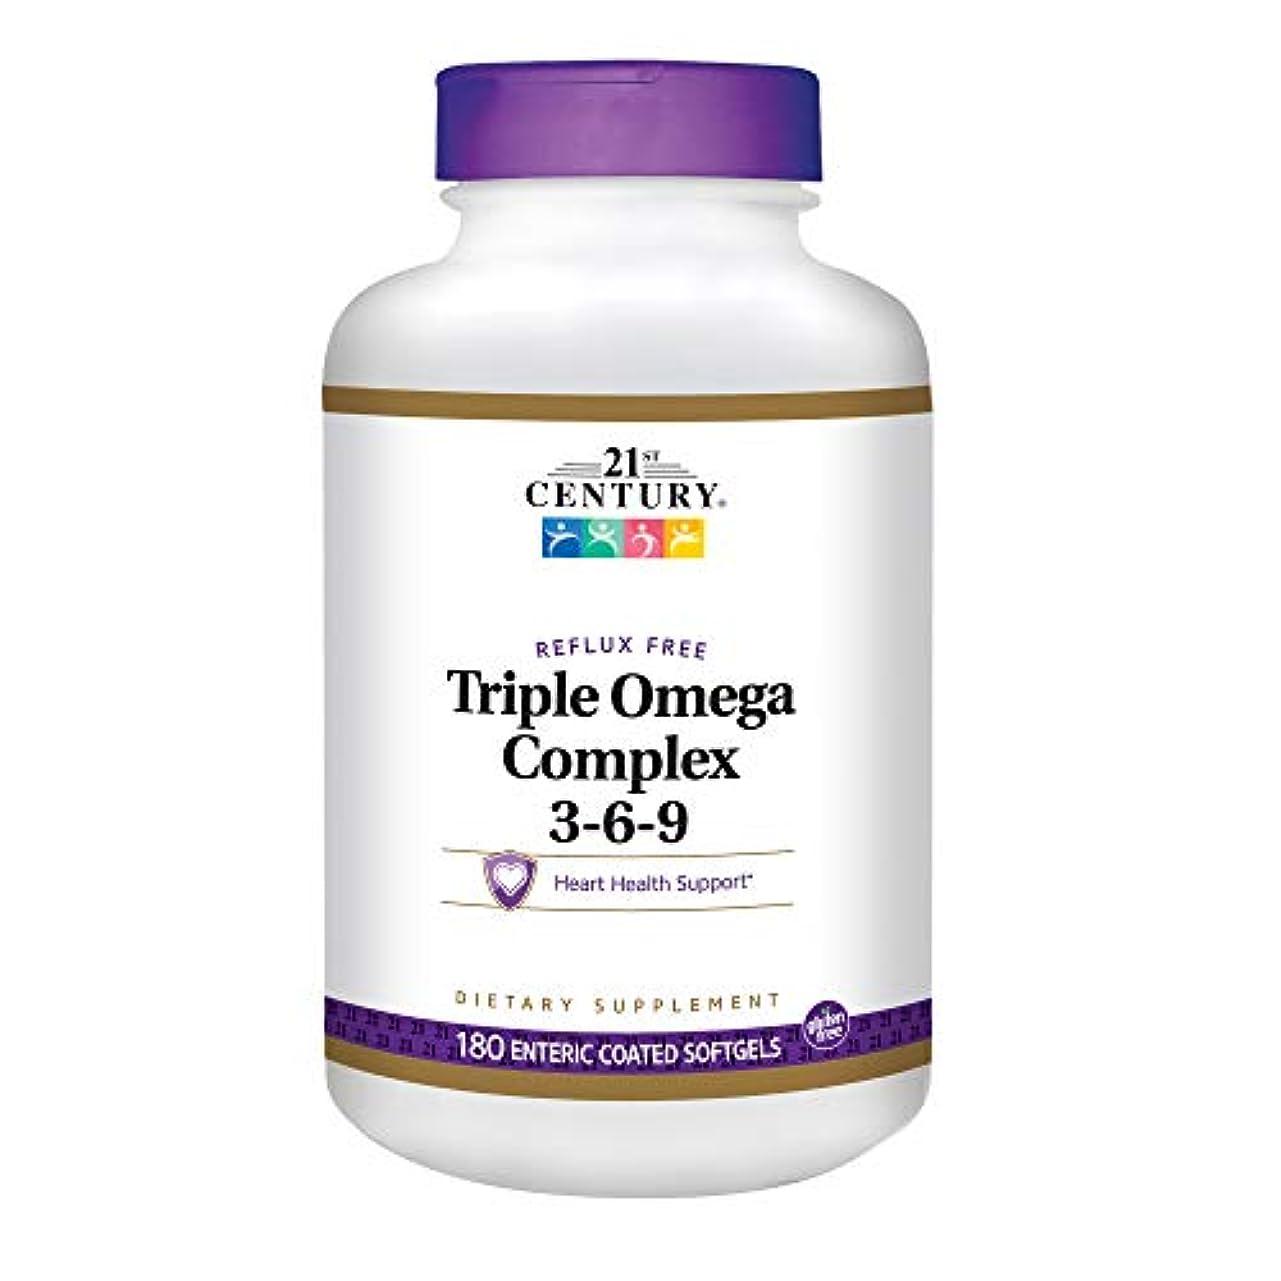 明確な認可キャロライン21st Century Health Care, Triple Omega Complex 3-6-9, 180 Enteric Coated Softgels